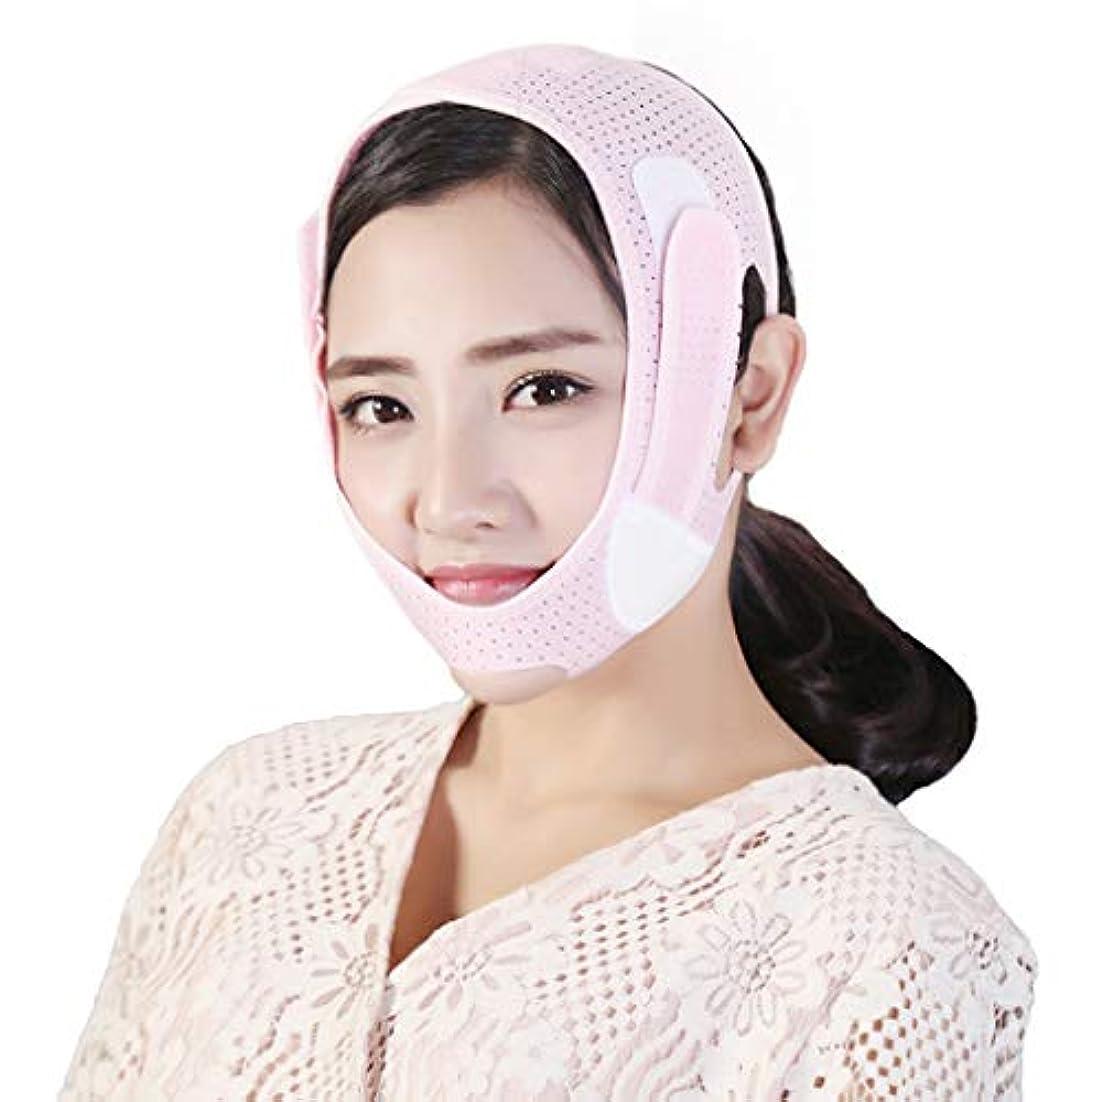 勝者酸度獲物減量マスク薄い顔のマスクV顔の薄い顔の咬筋ダブル顎の包帯睡眠マスクの通気性